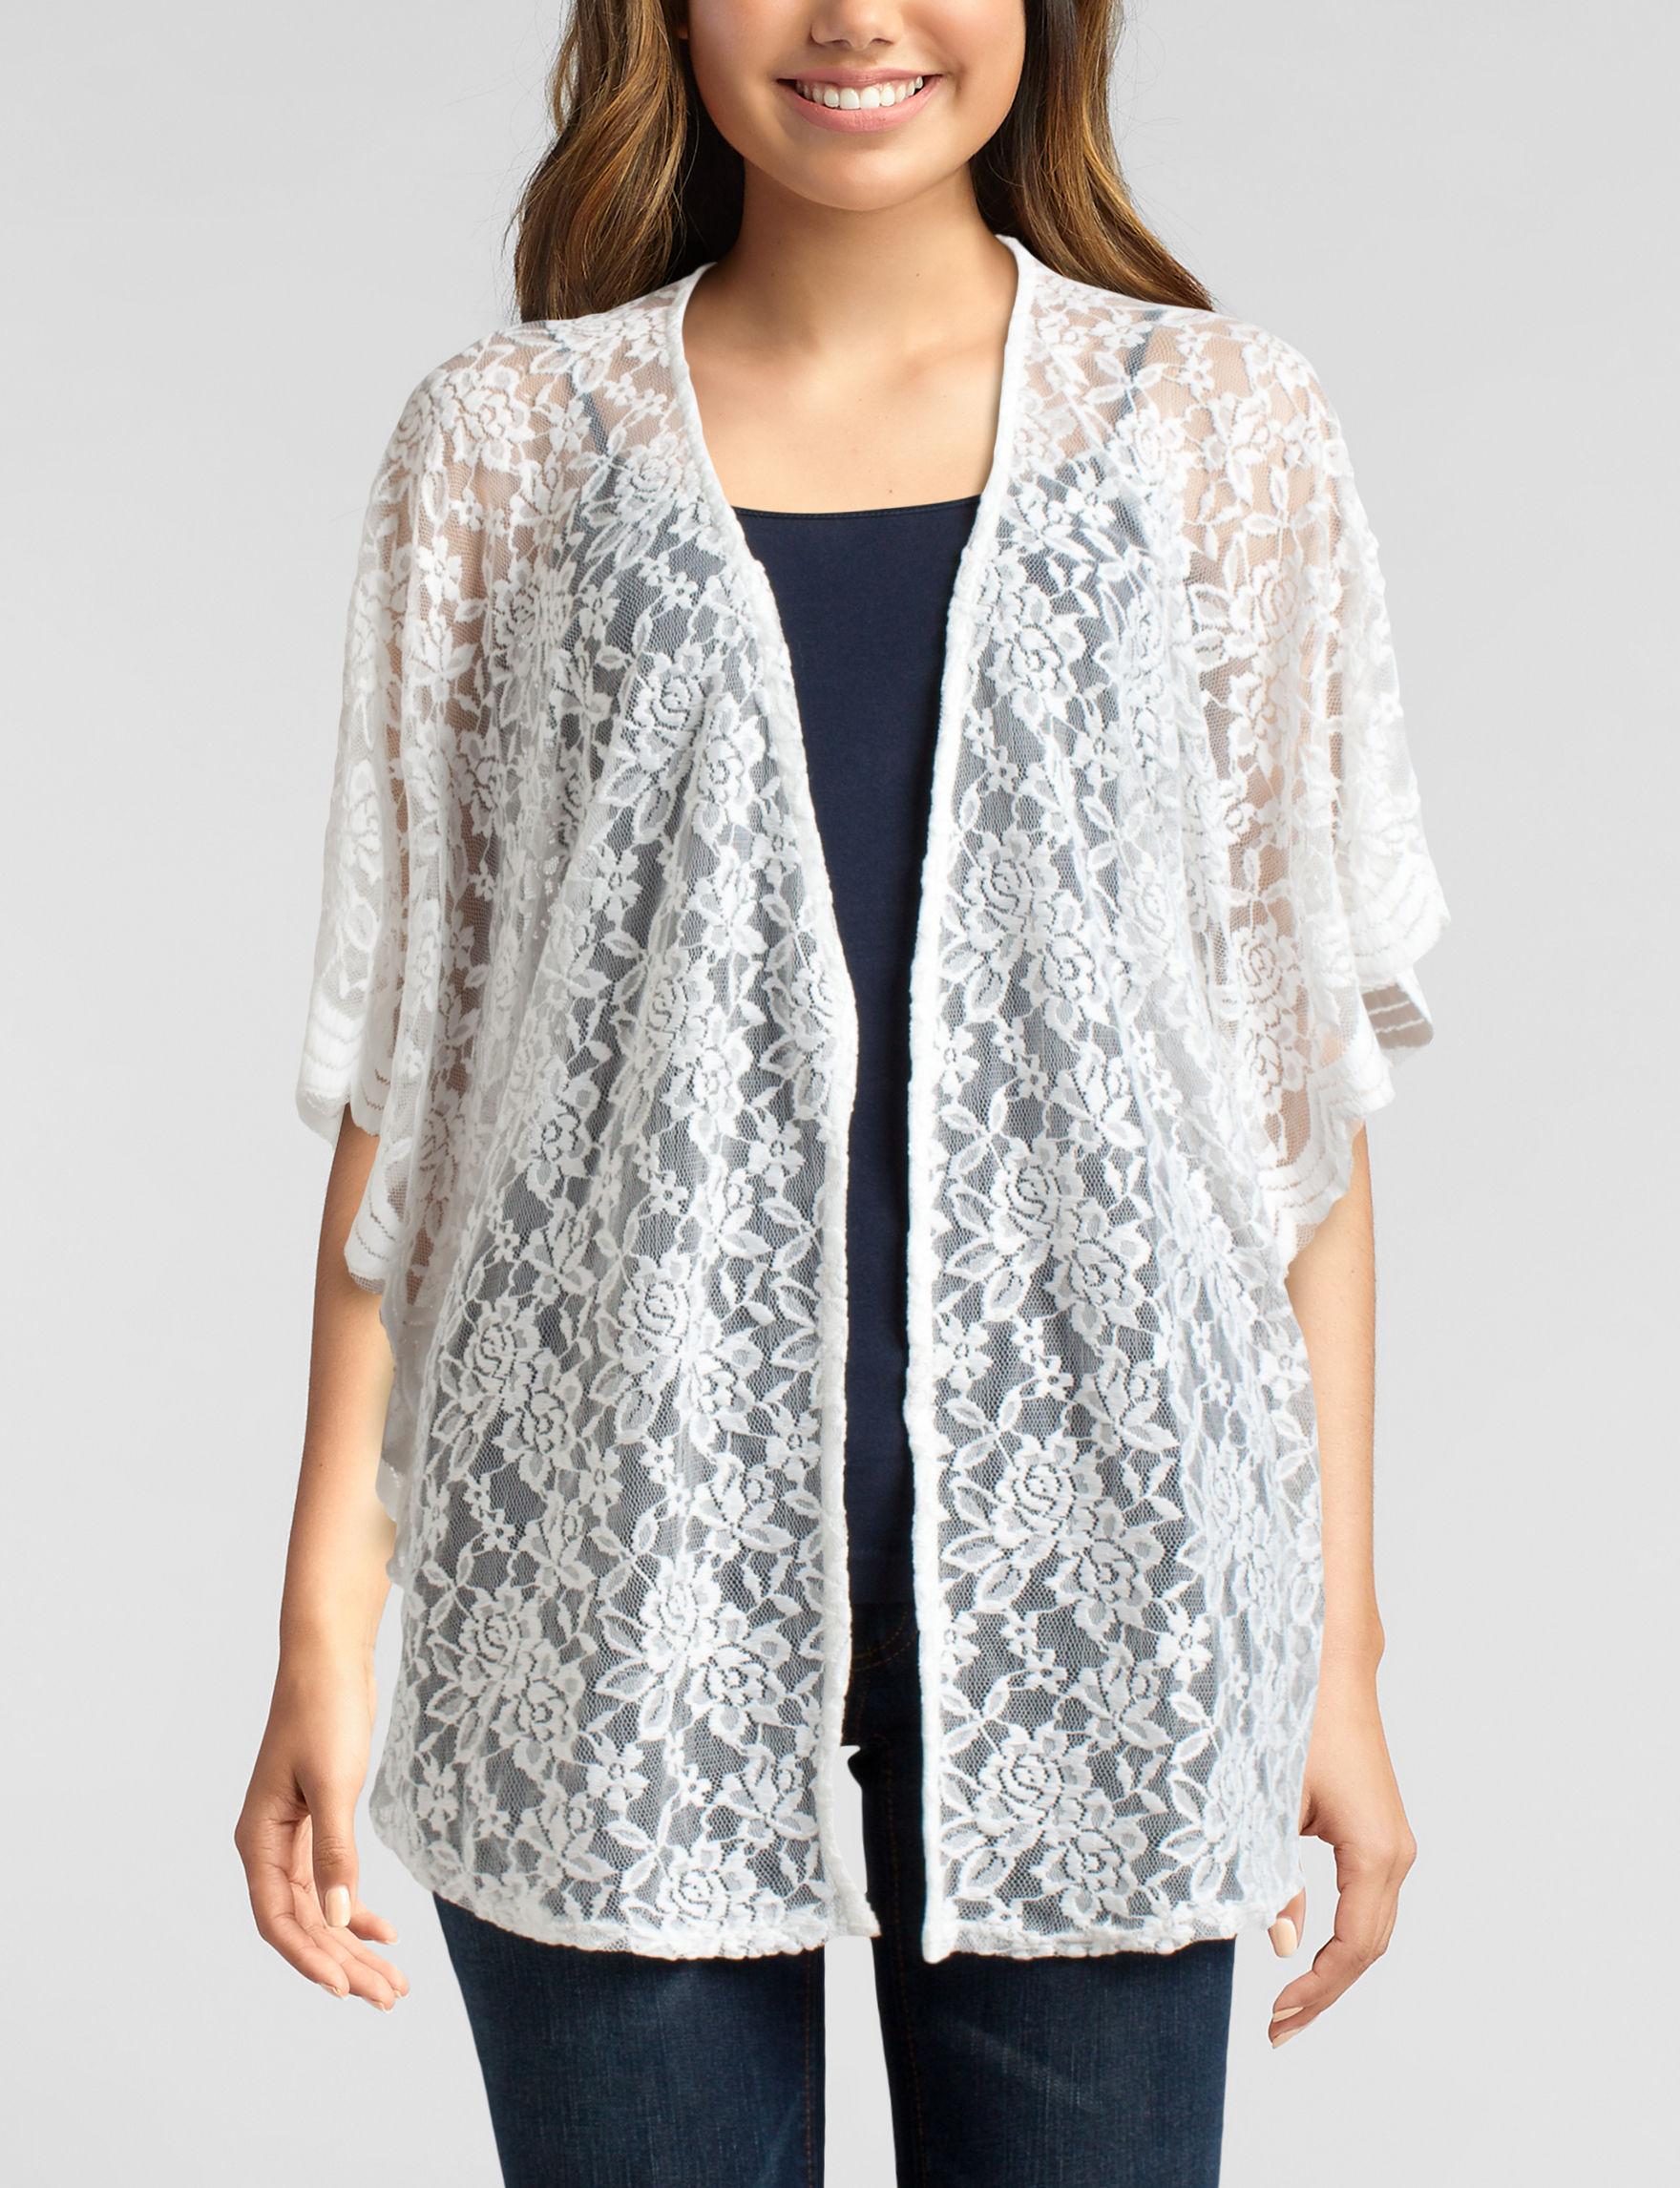 Liberty Love White Kimonos & Toppers